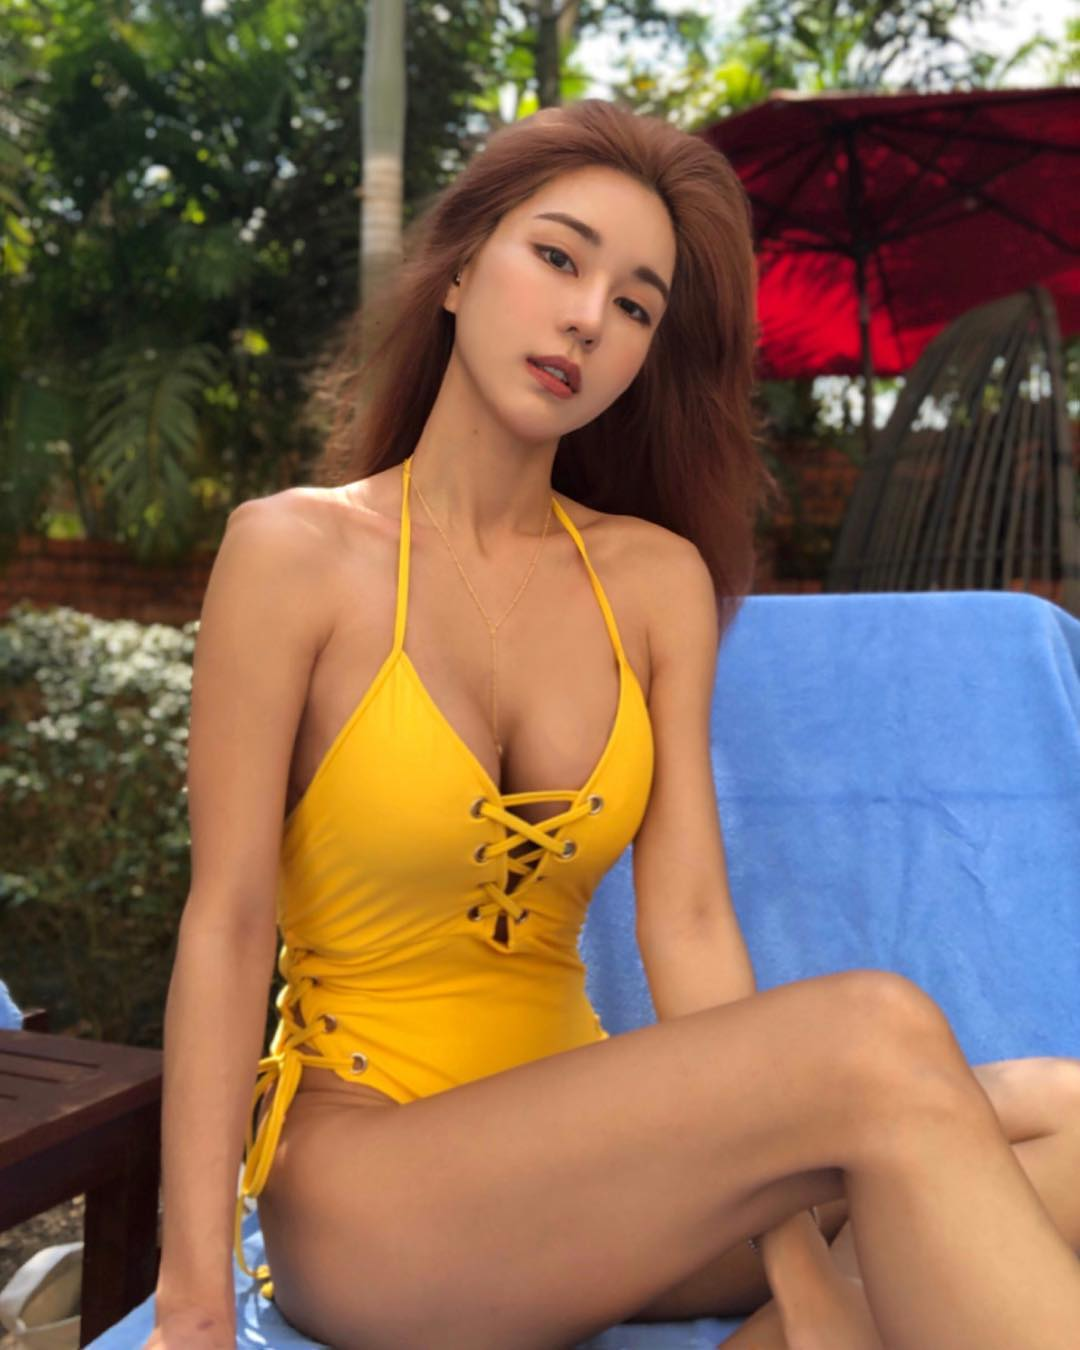 nữ dj xinh đẹp - siena sexy với đồ bơi màu vàng